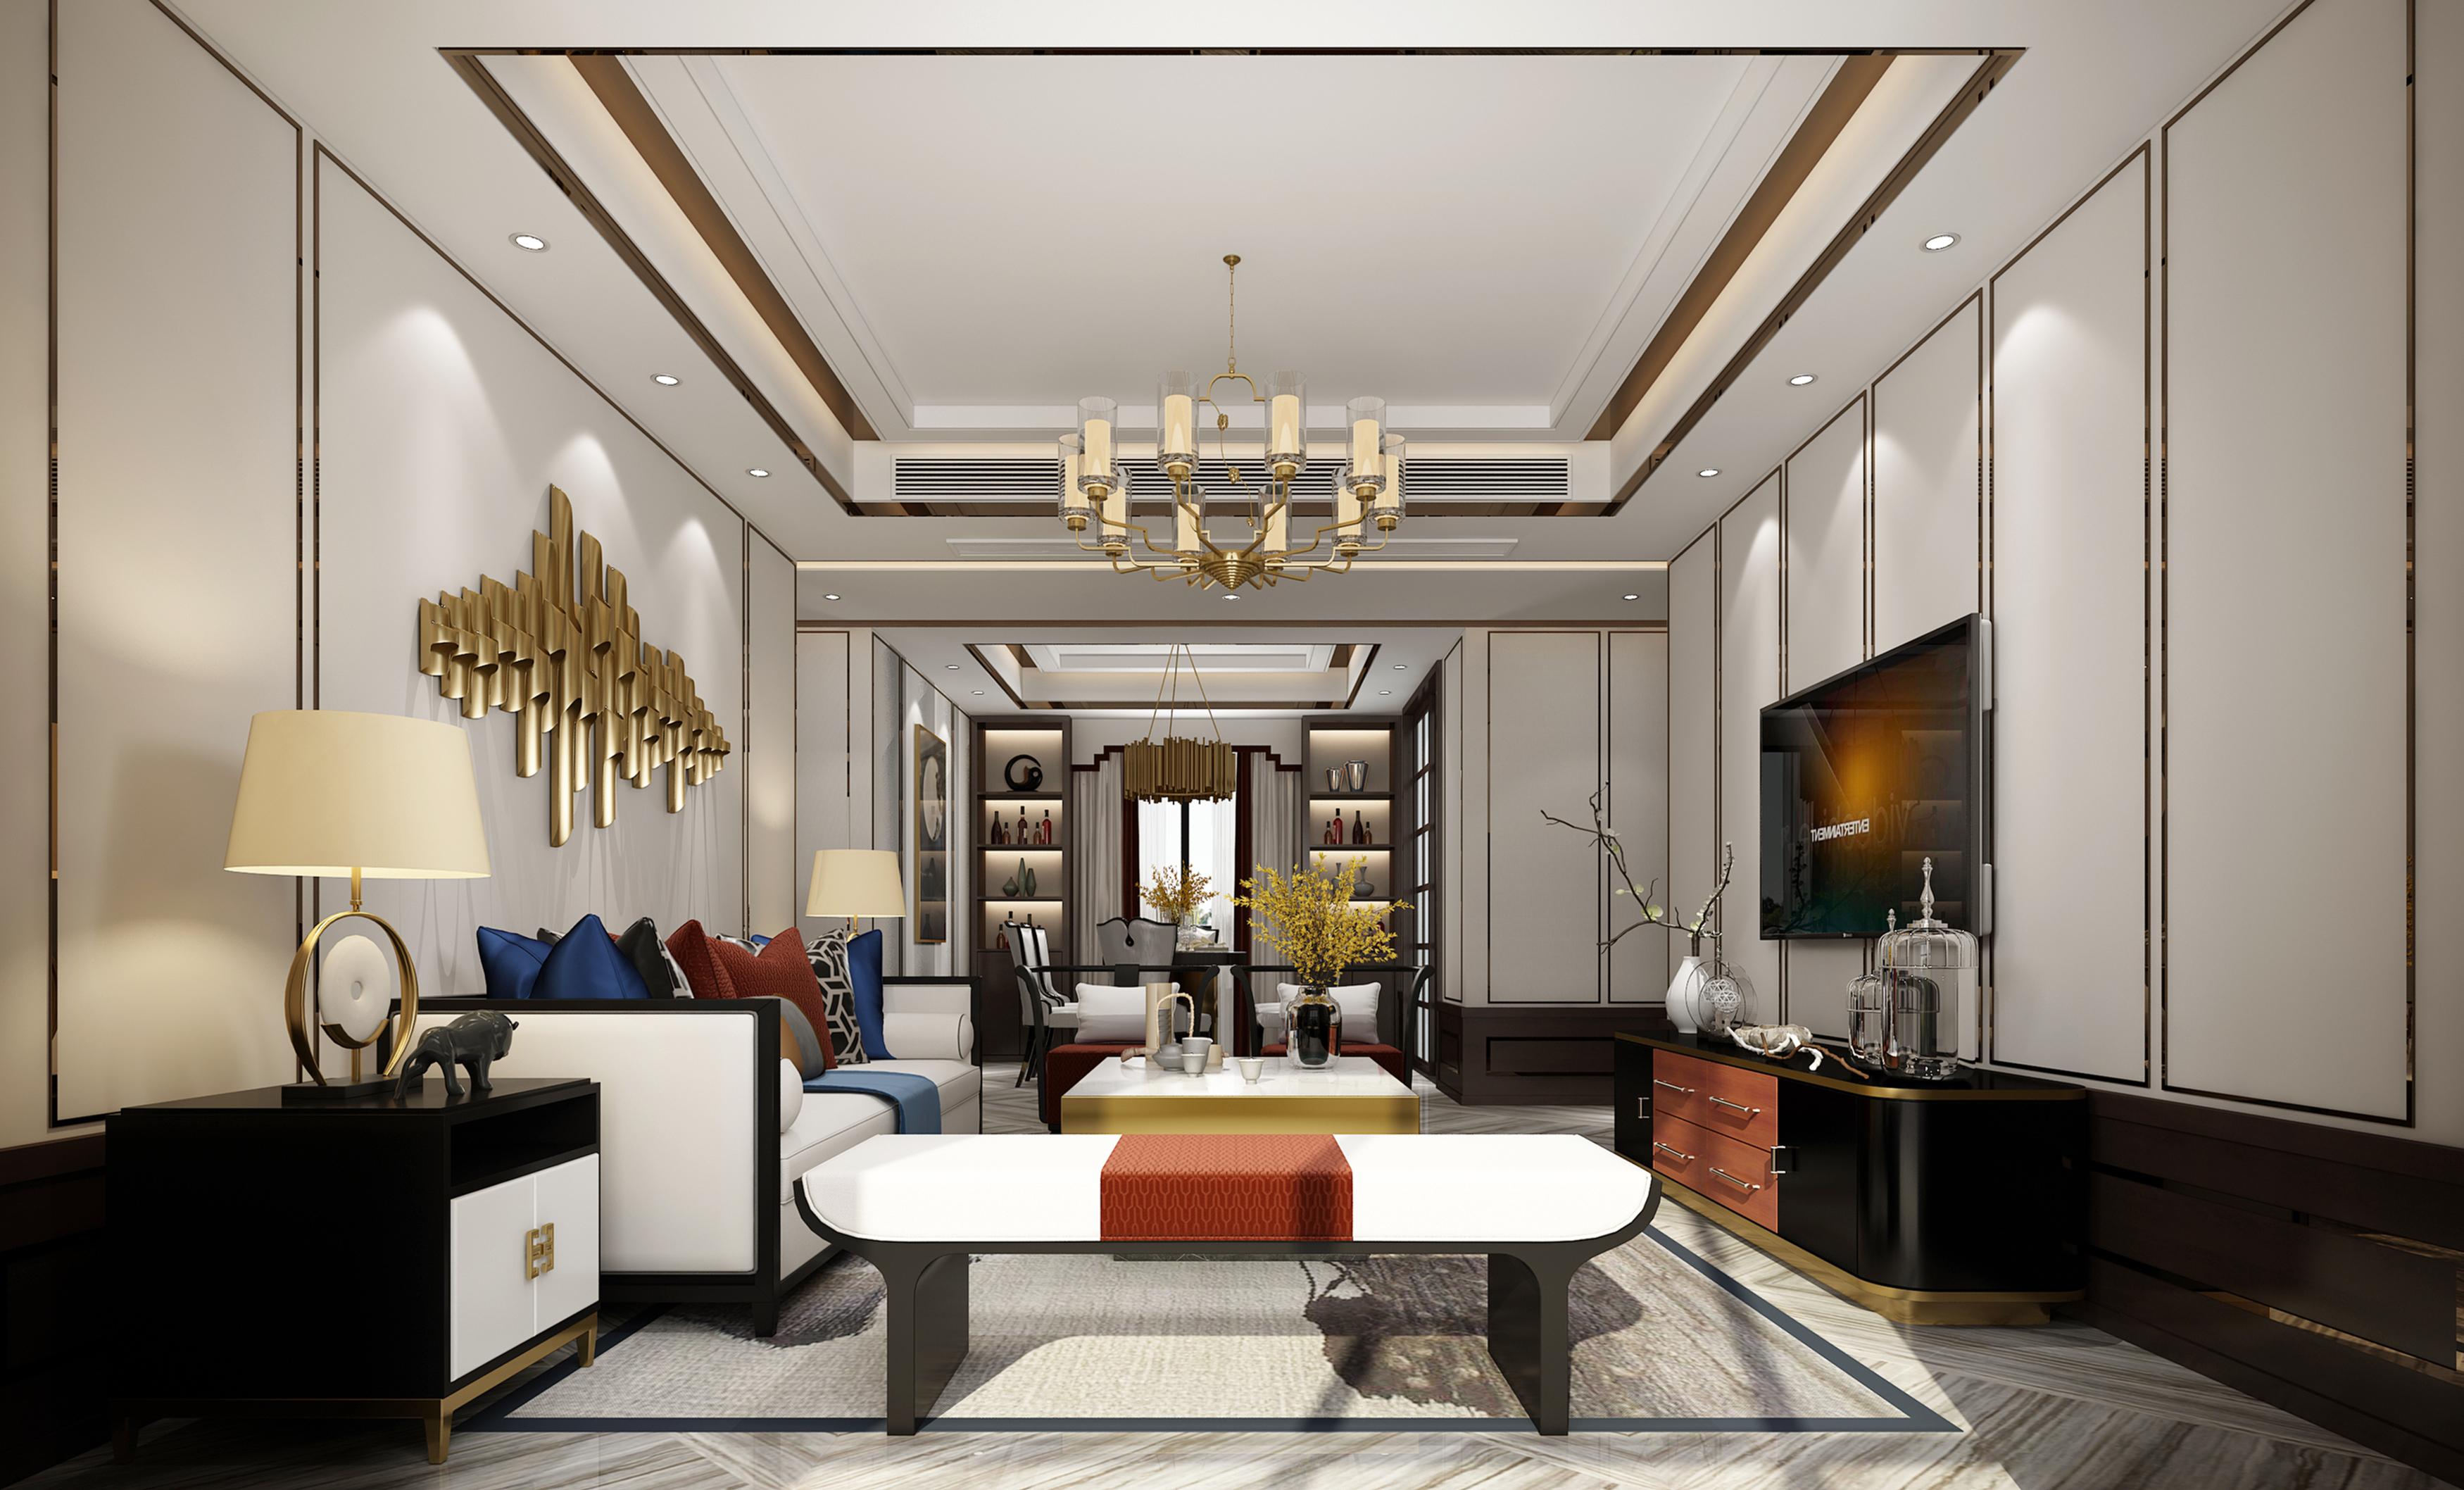 3d效果图_现代风格住宅客厅设计3d模型(附效果图)